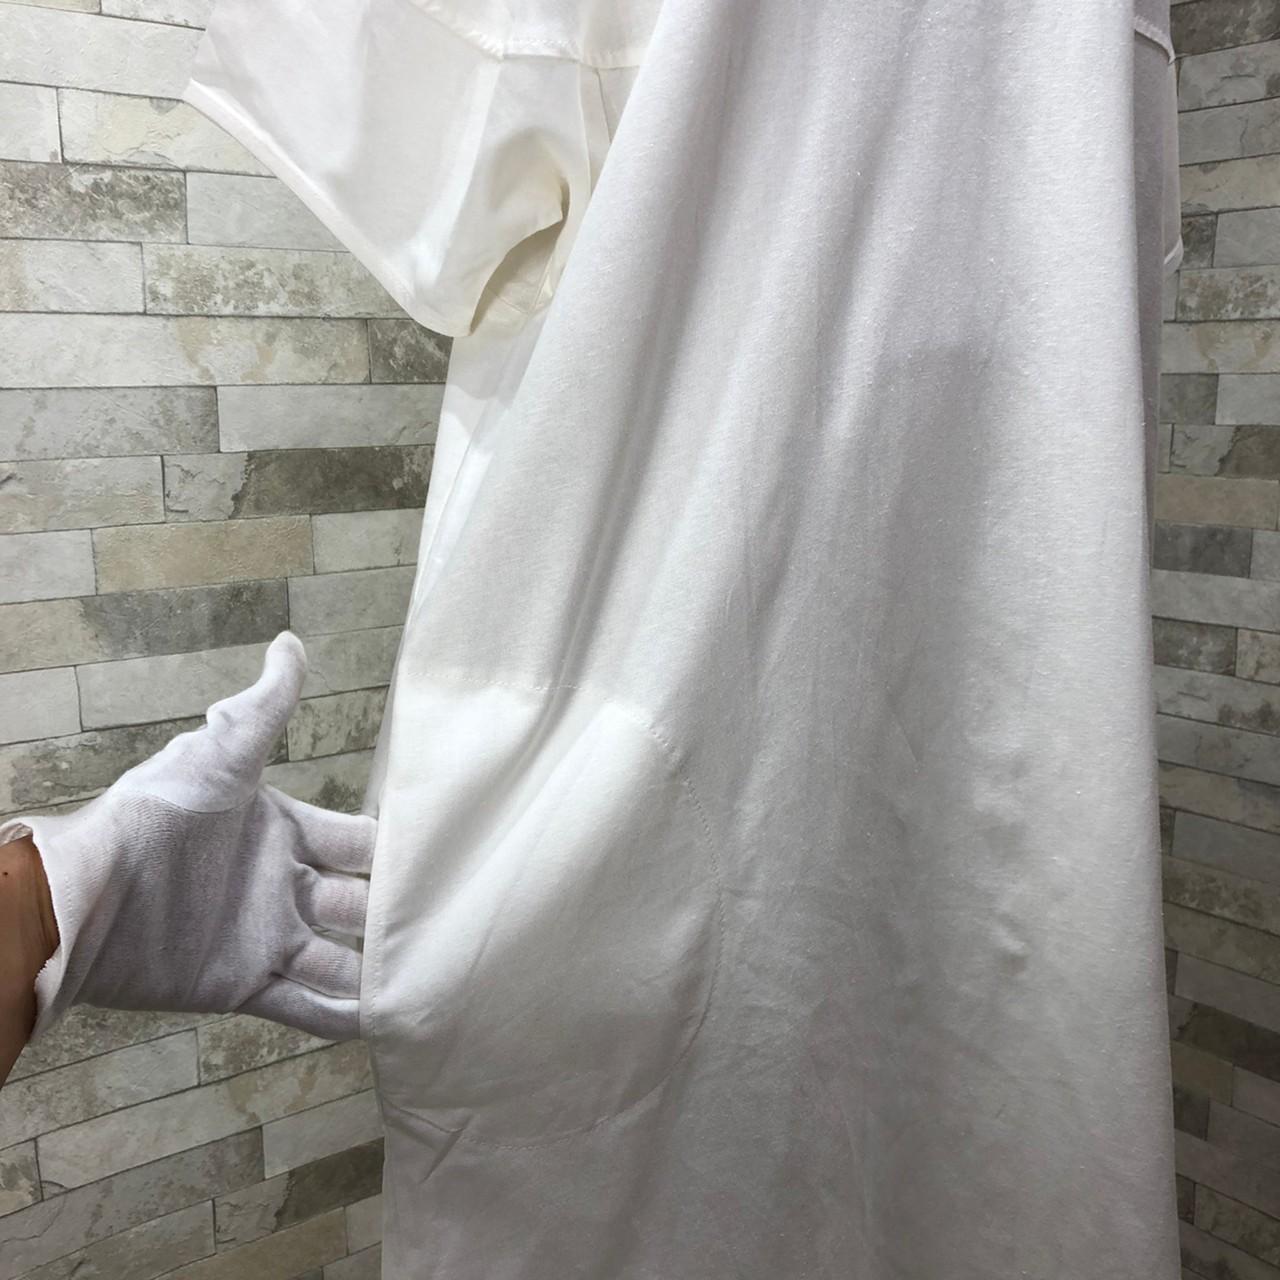 韓国 ファッション ワンピース 春 夏 カジュアル PTXI416  袖コンシャス ゆったり 体型カバー ラフ オルチャン シンプル 定番 セレカジの写真16枚目